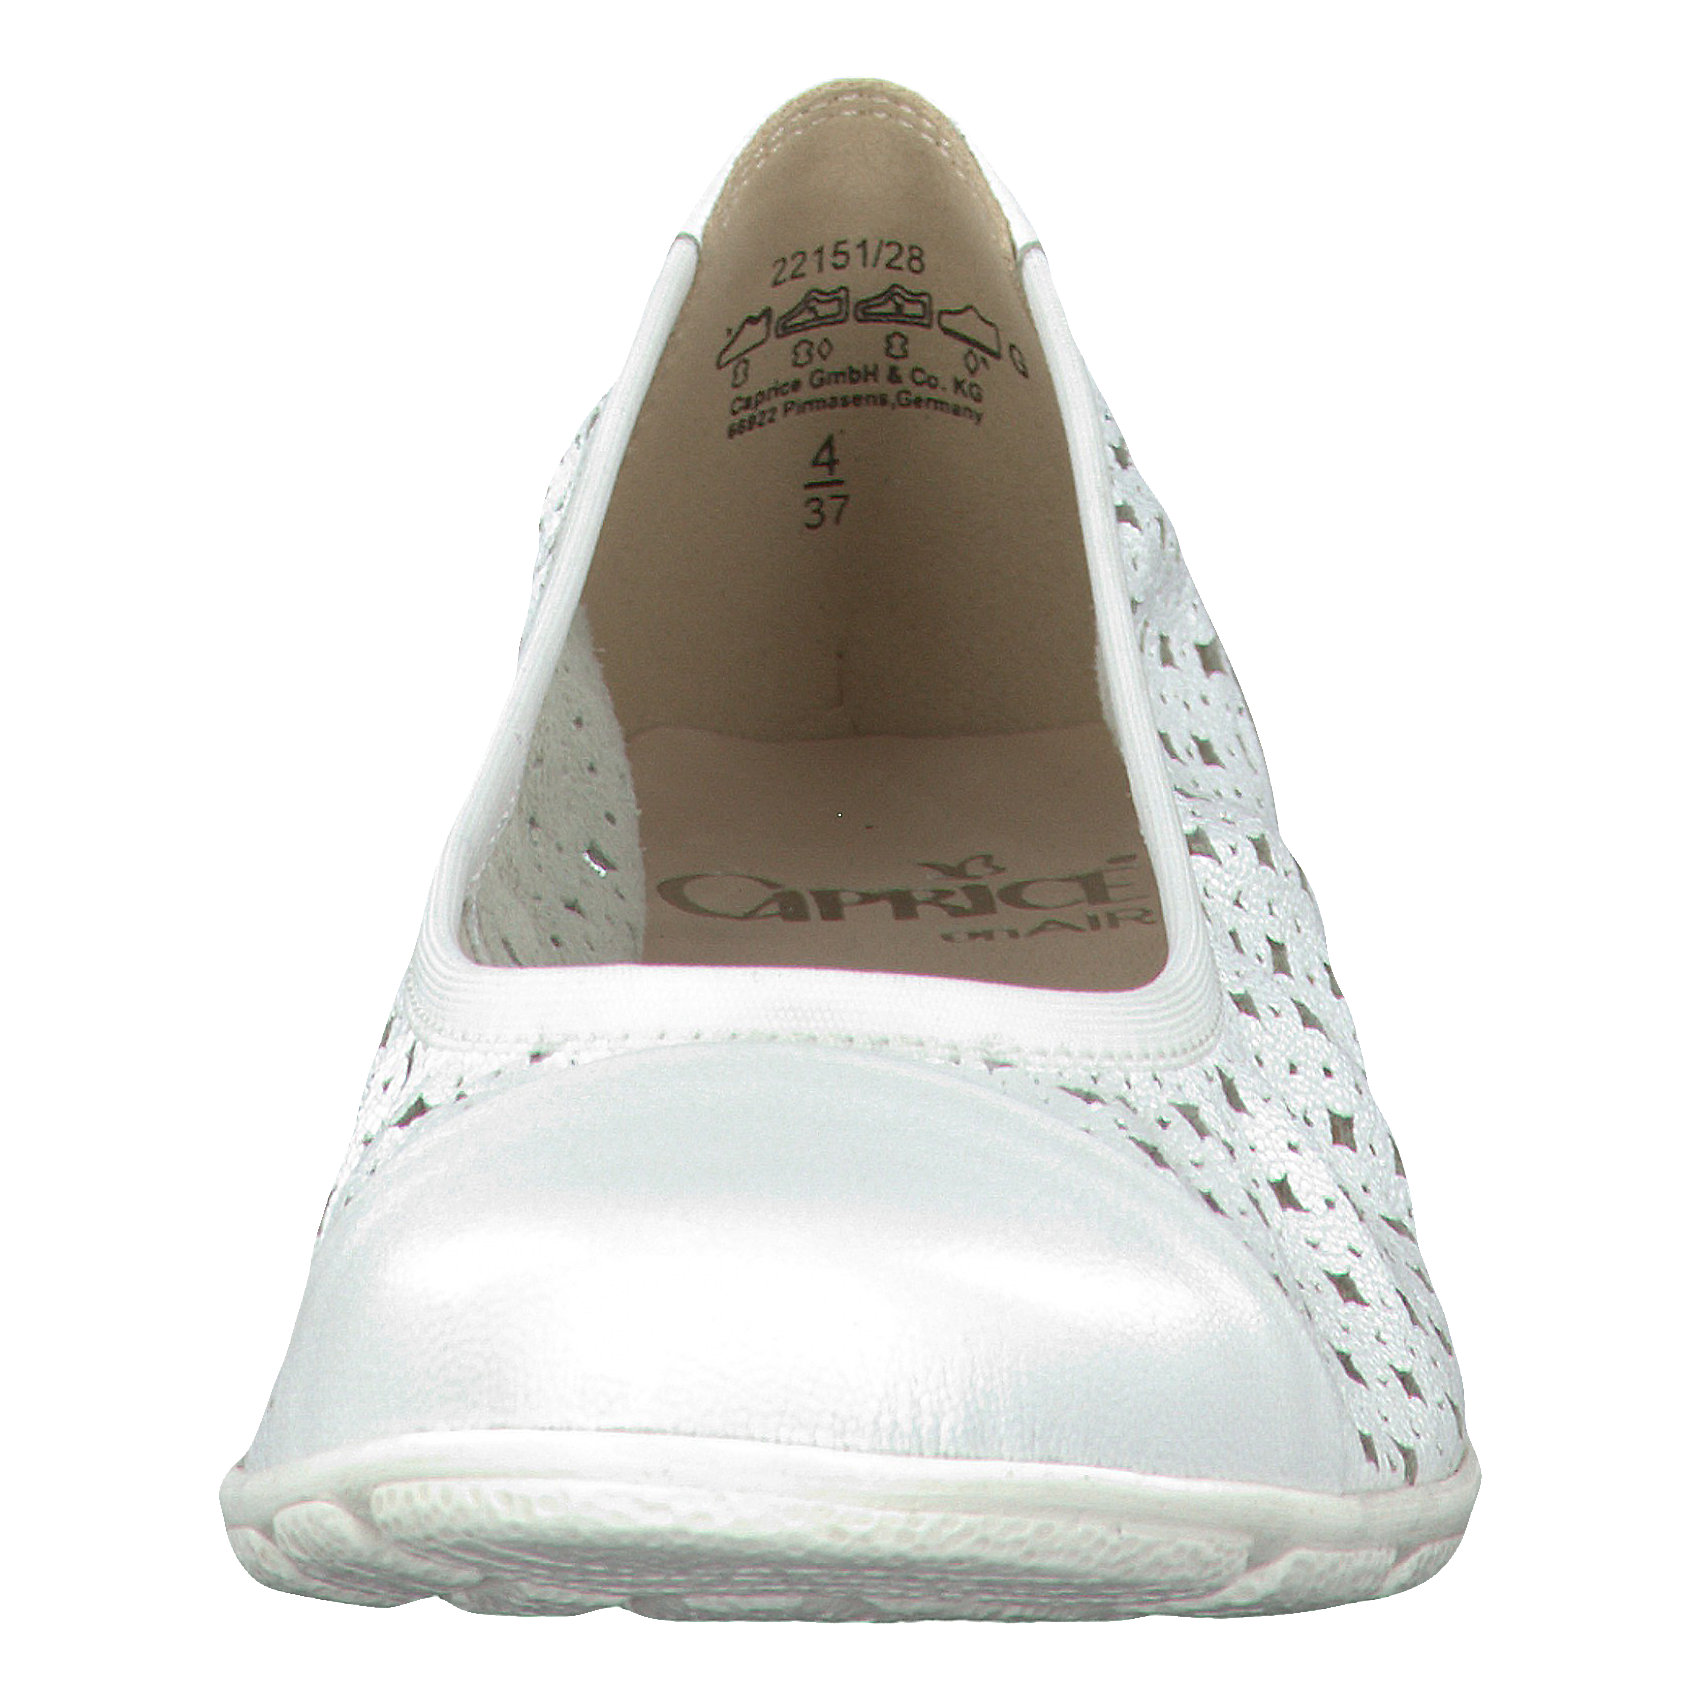 Neu CAPRICE Alba Ballerinas weiß weiß weiß 5765625 cf1e11